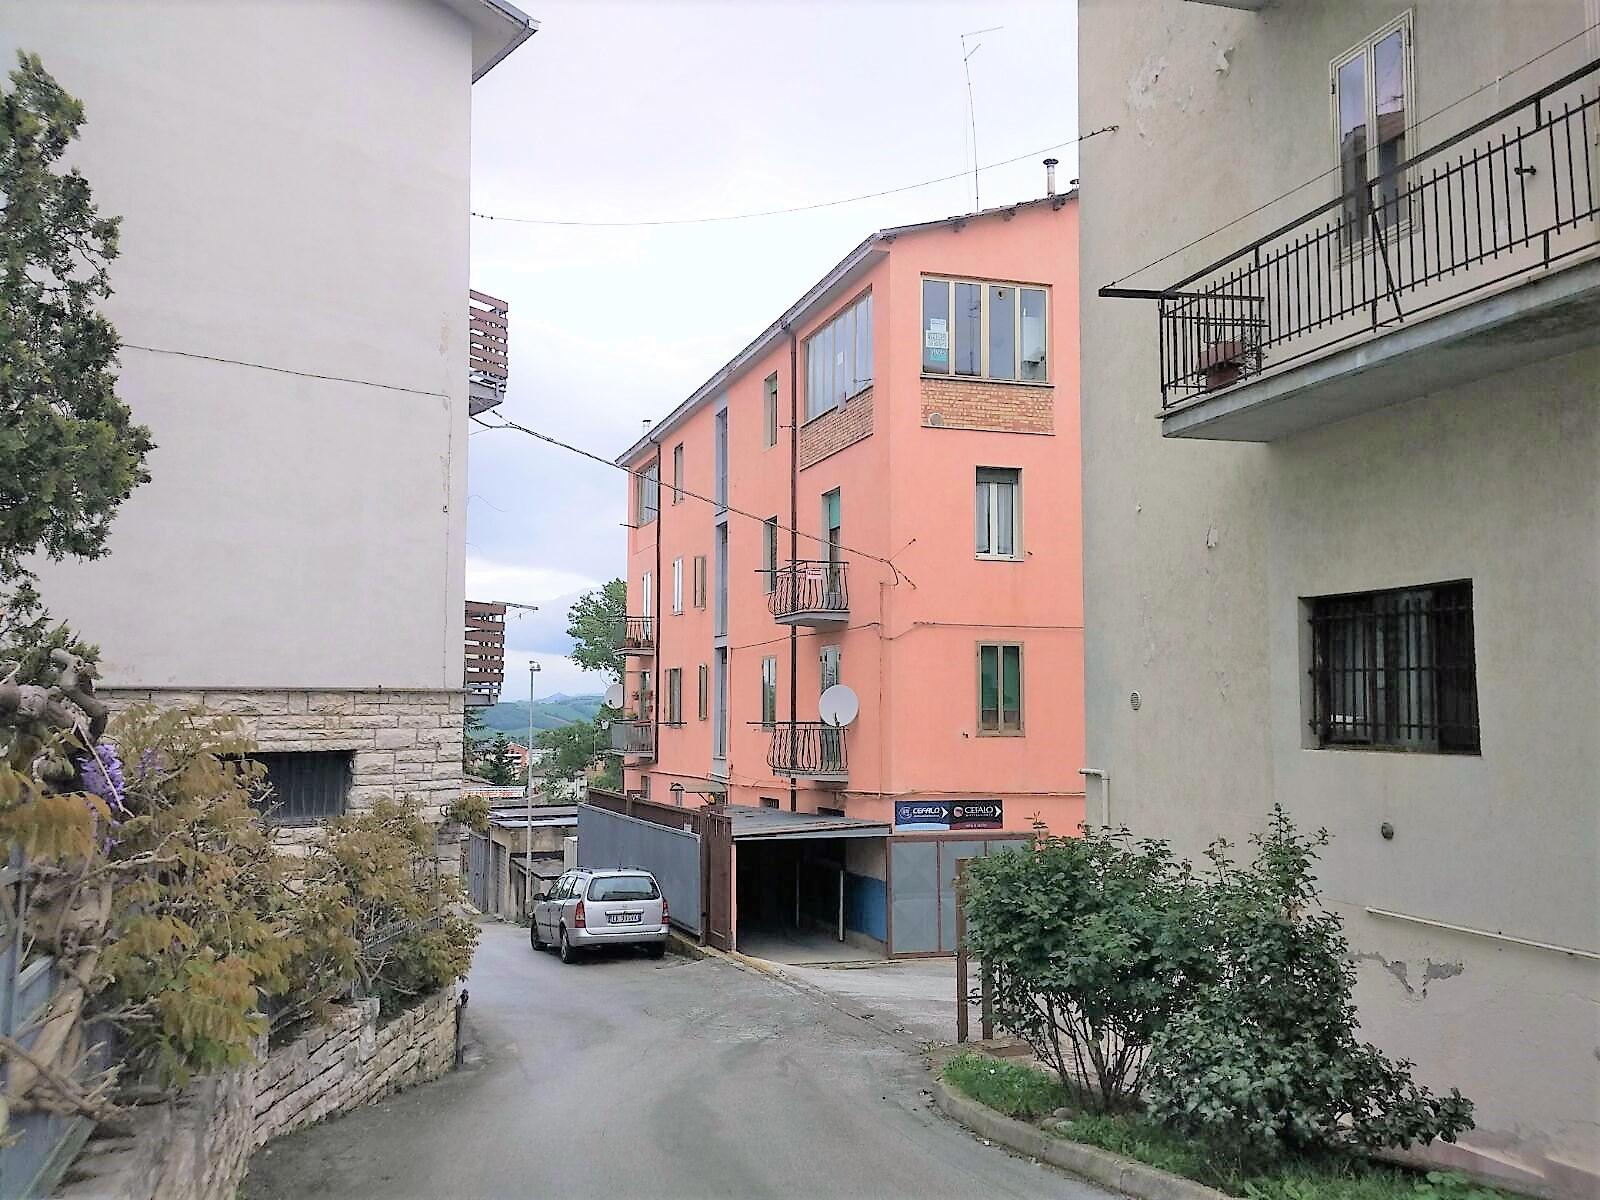 via Duca d'Aosta 130 mq con cantina